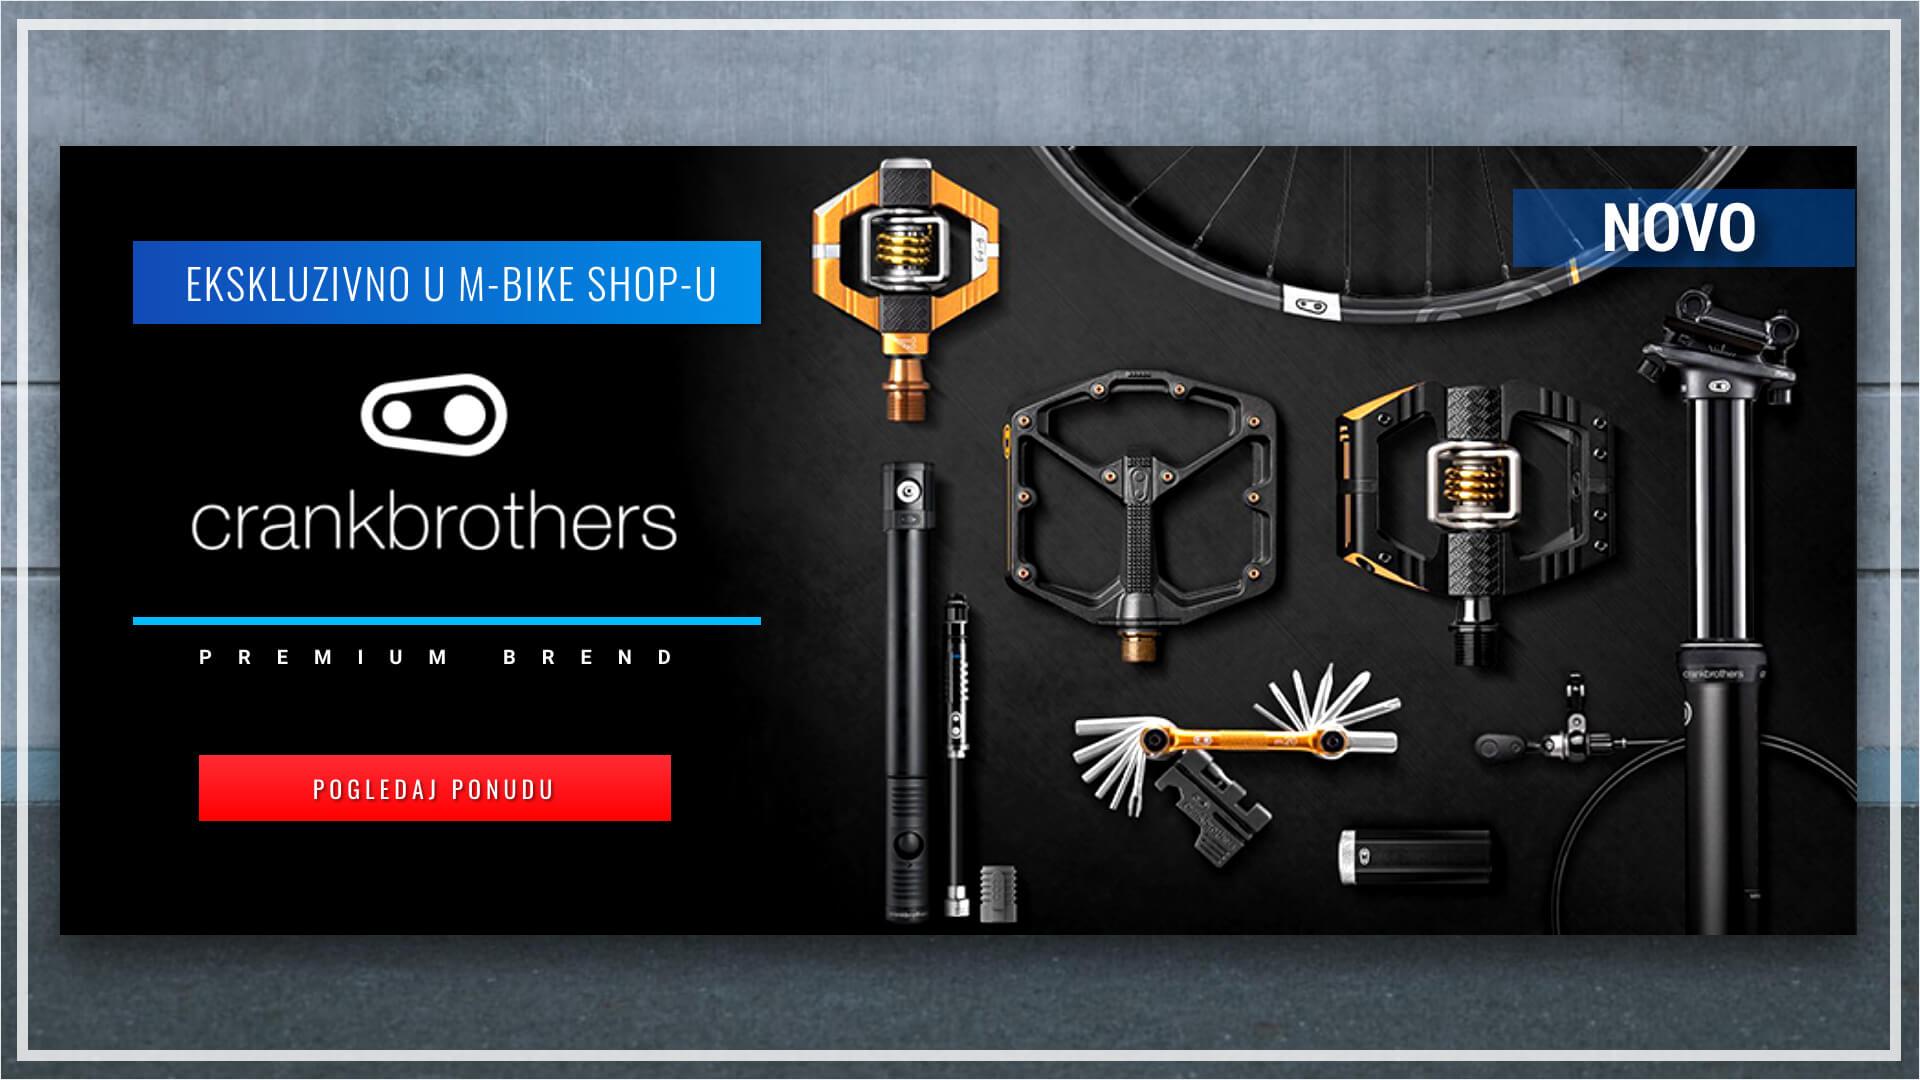 Crankbrothers dijelovi i oprema u M-Bike shop-u